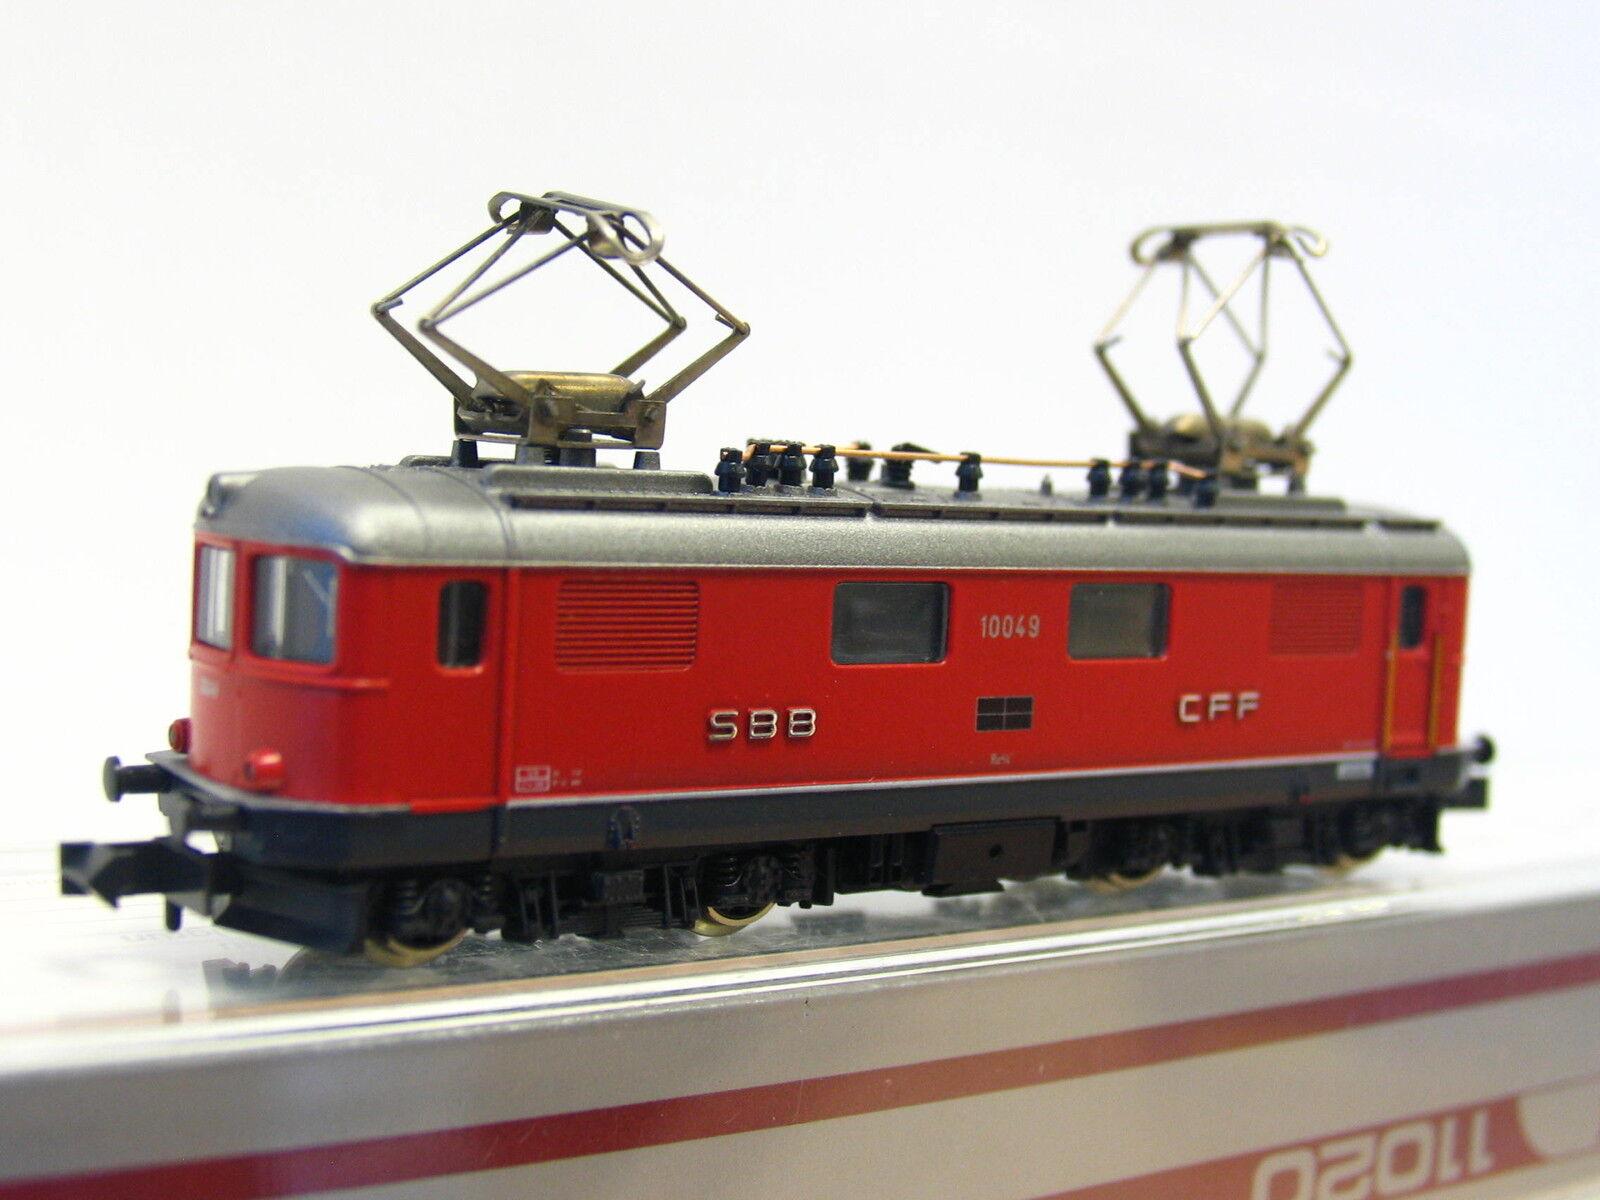 Hobbytrain N 11020 E-Lok re 4 4 10049 SBB CFF OVP (z1483)